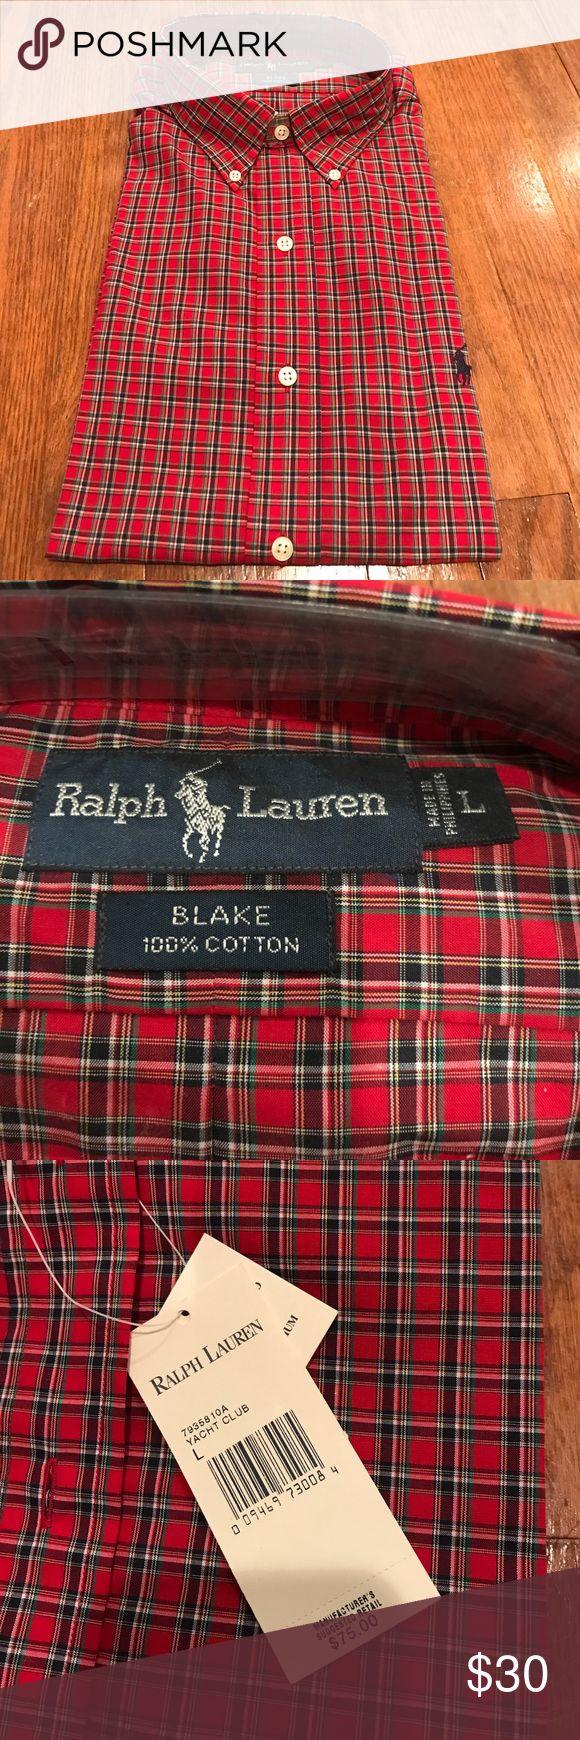 """NWT Ralph Lauren men's shirt NWT Ralph Lauren """"Blake """" men's shirt, never worn, size/ pattern as shown, great Father's Day gift! Ralph Lauren Shirts"""